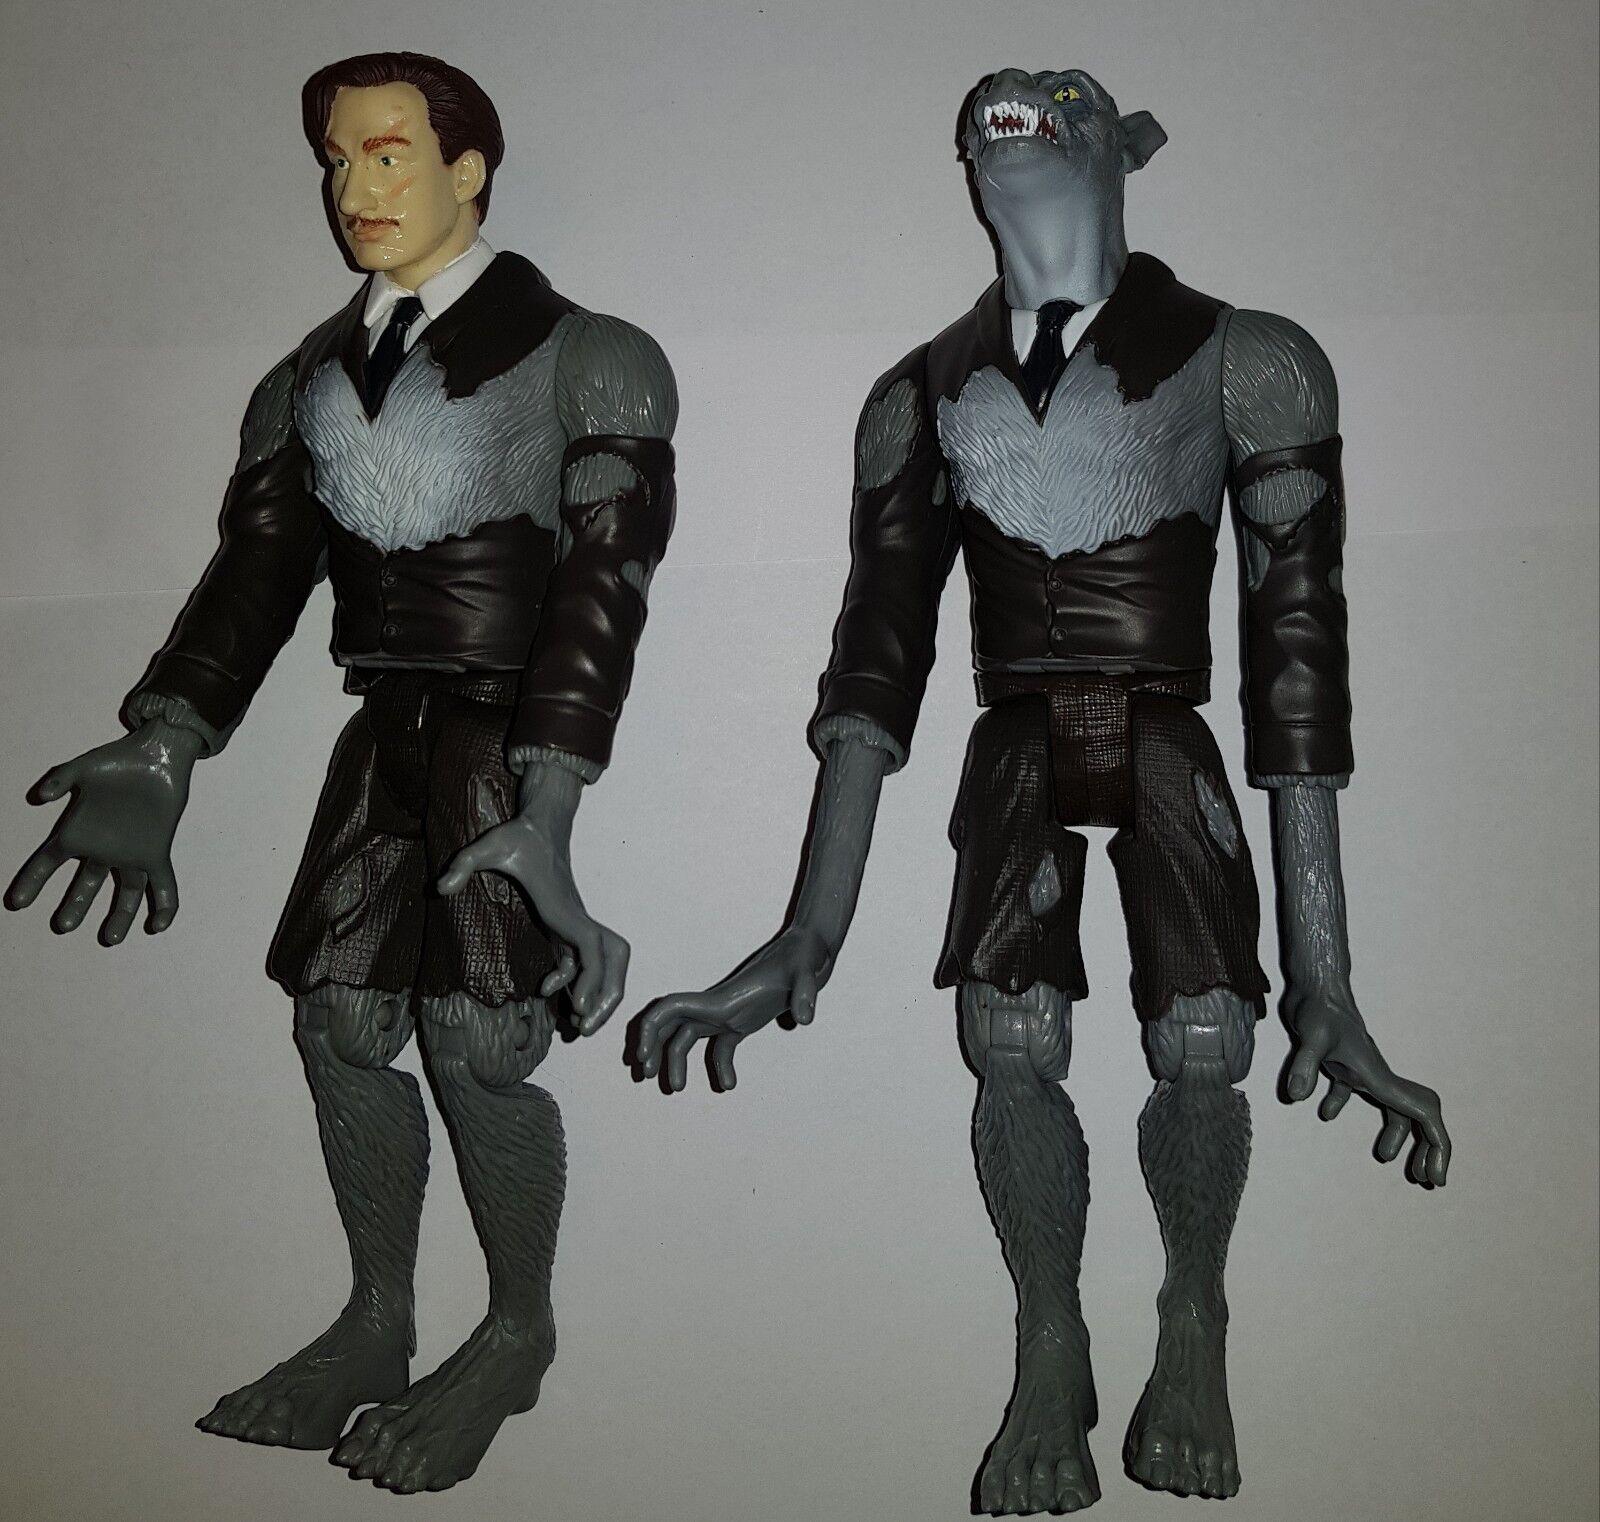 Harry Potter Remus Lupin Trabajo Lote De 2 Figuras de transformación de Mattel Hombre Lobo